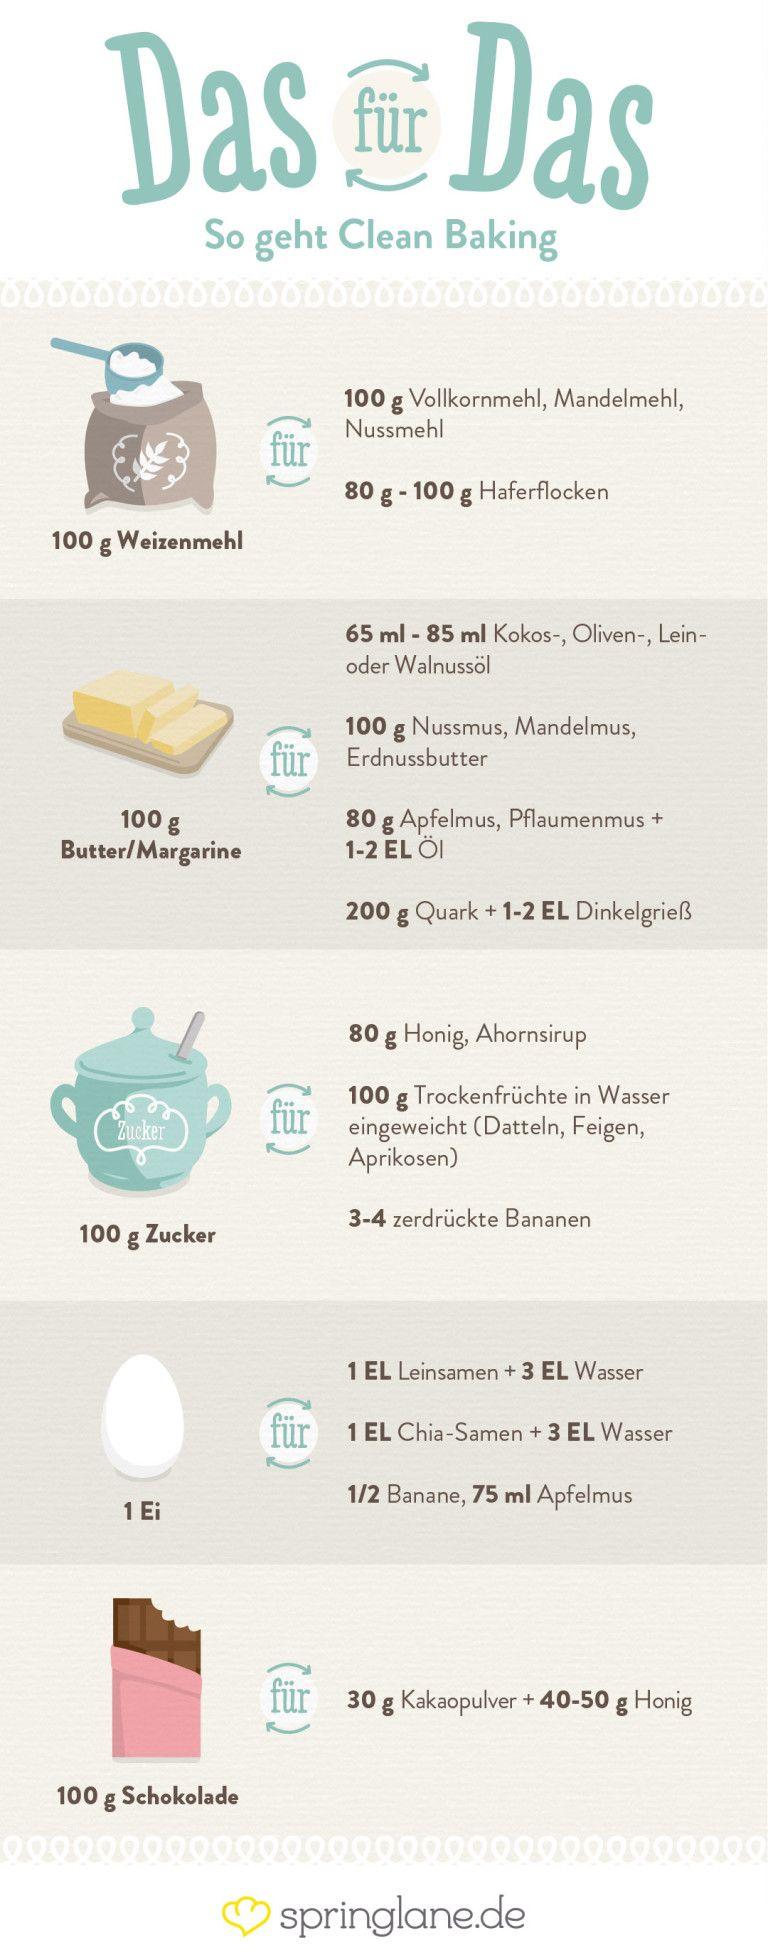 Clean Baking Basics: Alles, was du wissen musst! #healthyeating